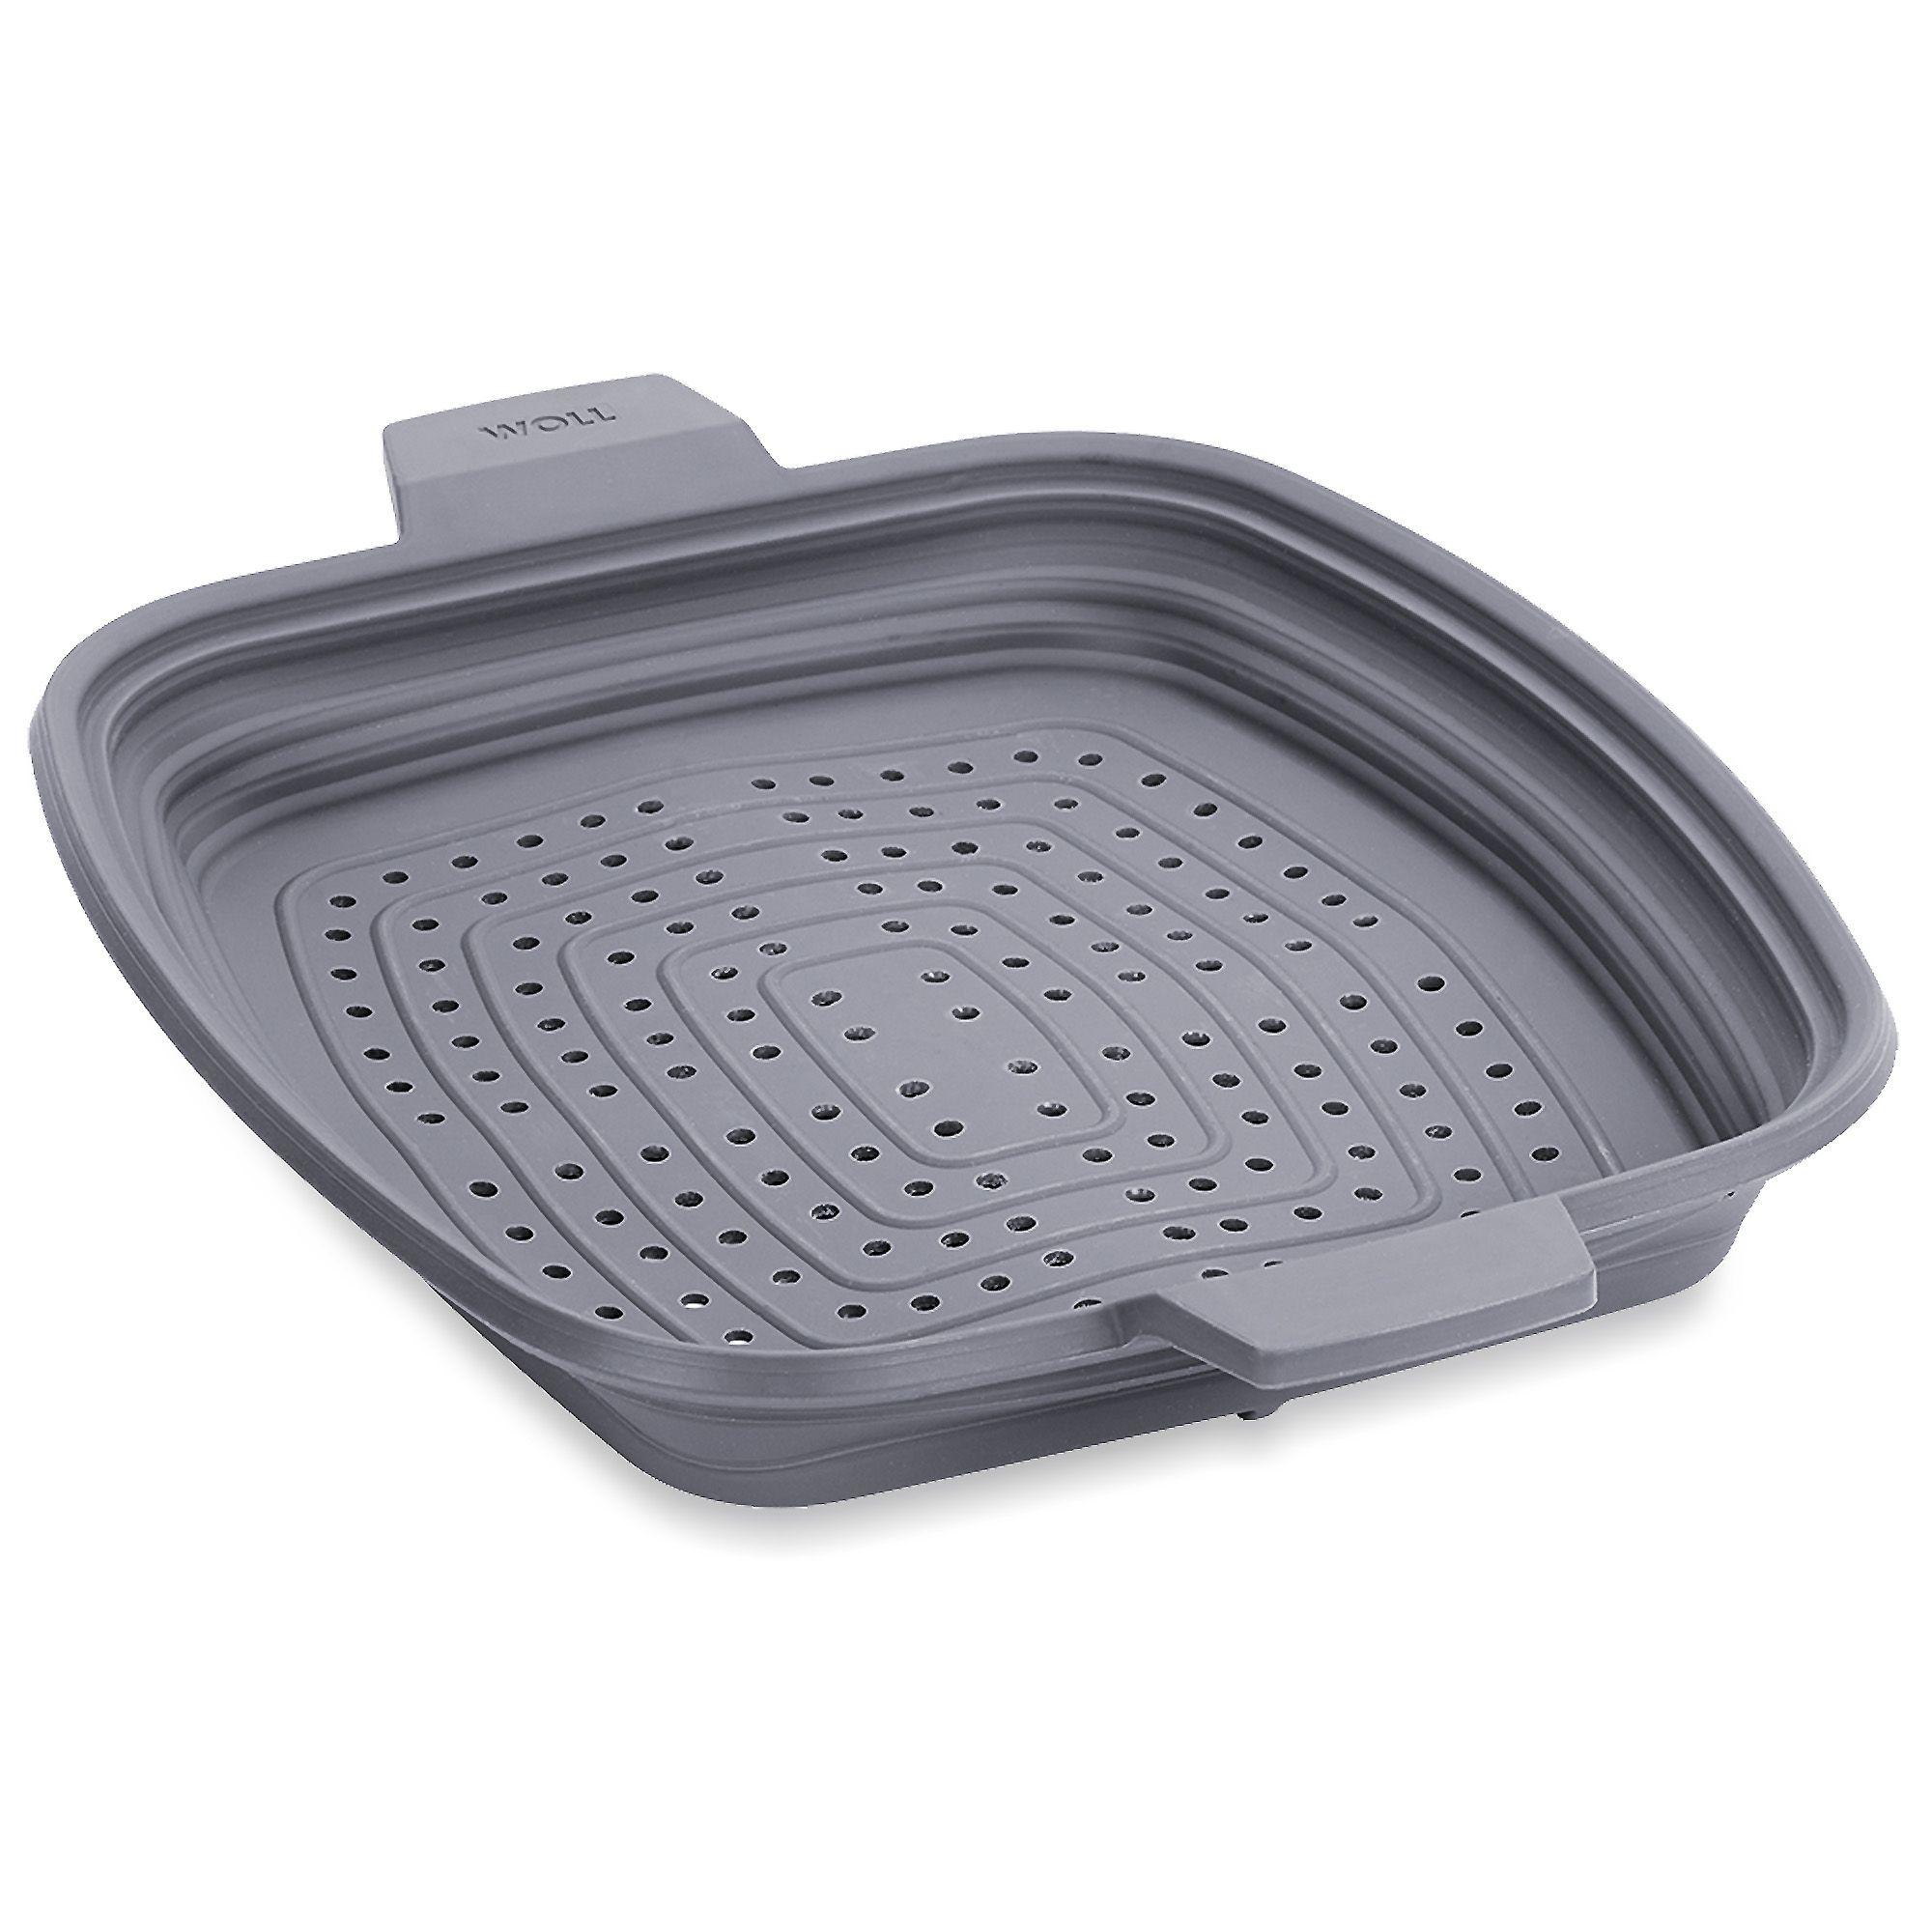 Woll accessorio multifunzione in silicone qvc italia - Qvc marchi cucina ...